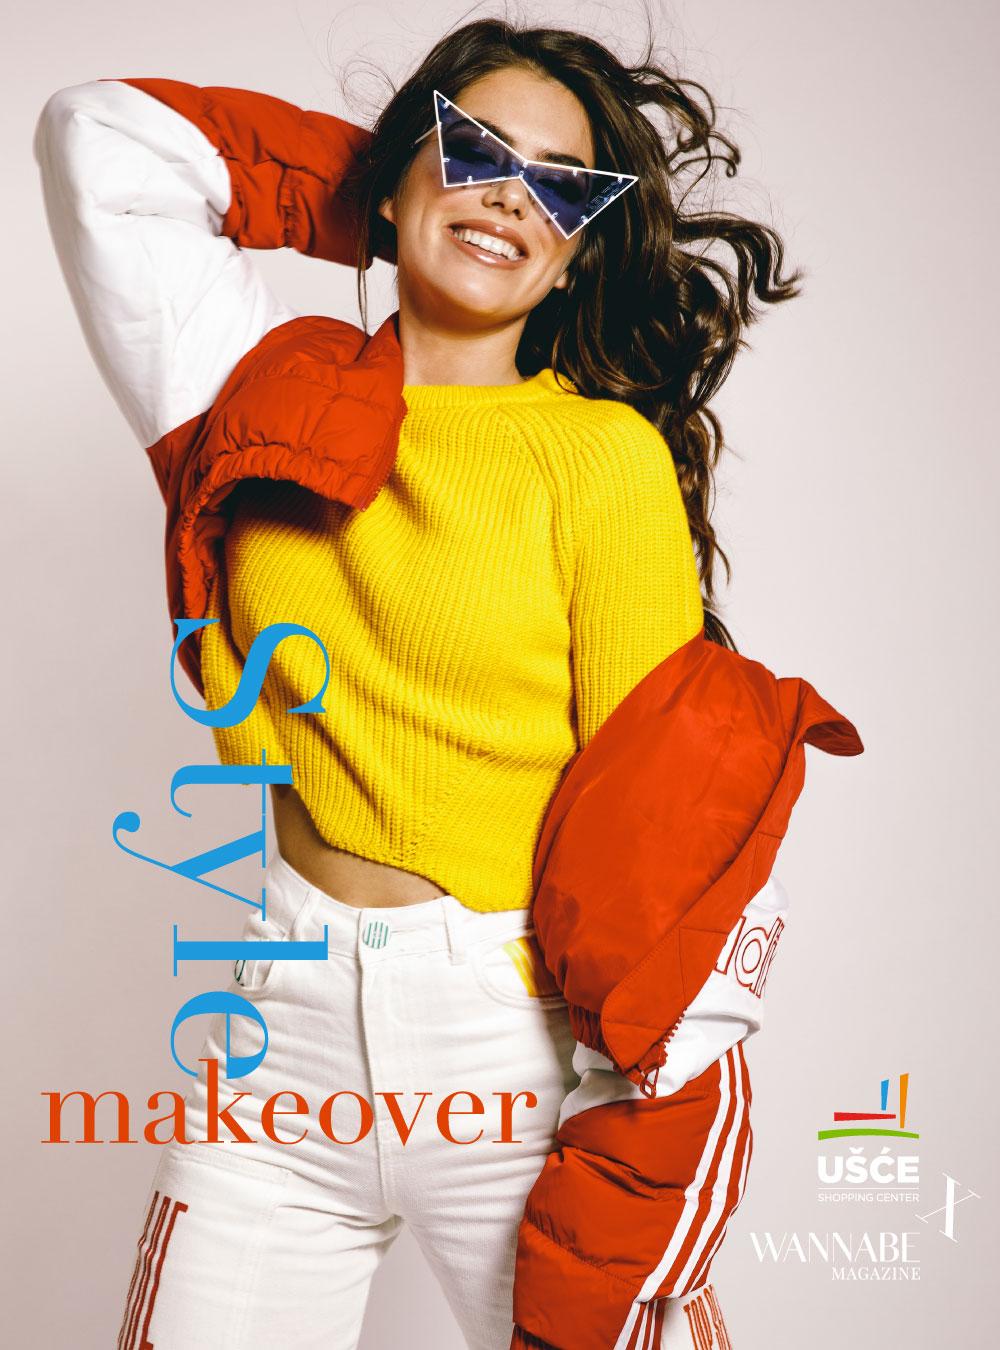 UŠĆE x WANNABE MAGAZINE te pozivaju da se prijaviš za style makeover 5 UŠĆE x WANNABE MAGAZINE te pozivaju da se prijaviš za style makeover!